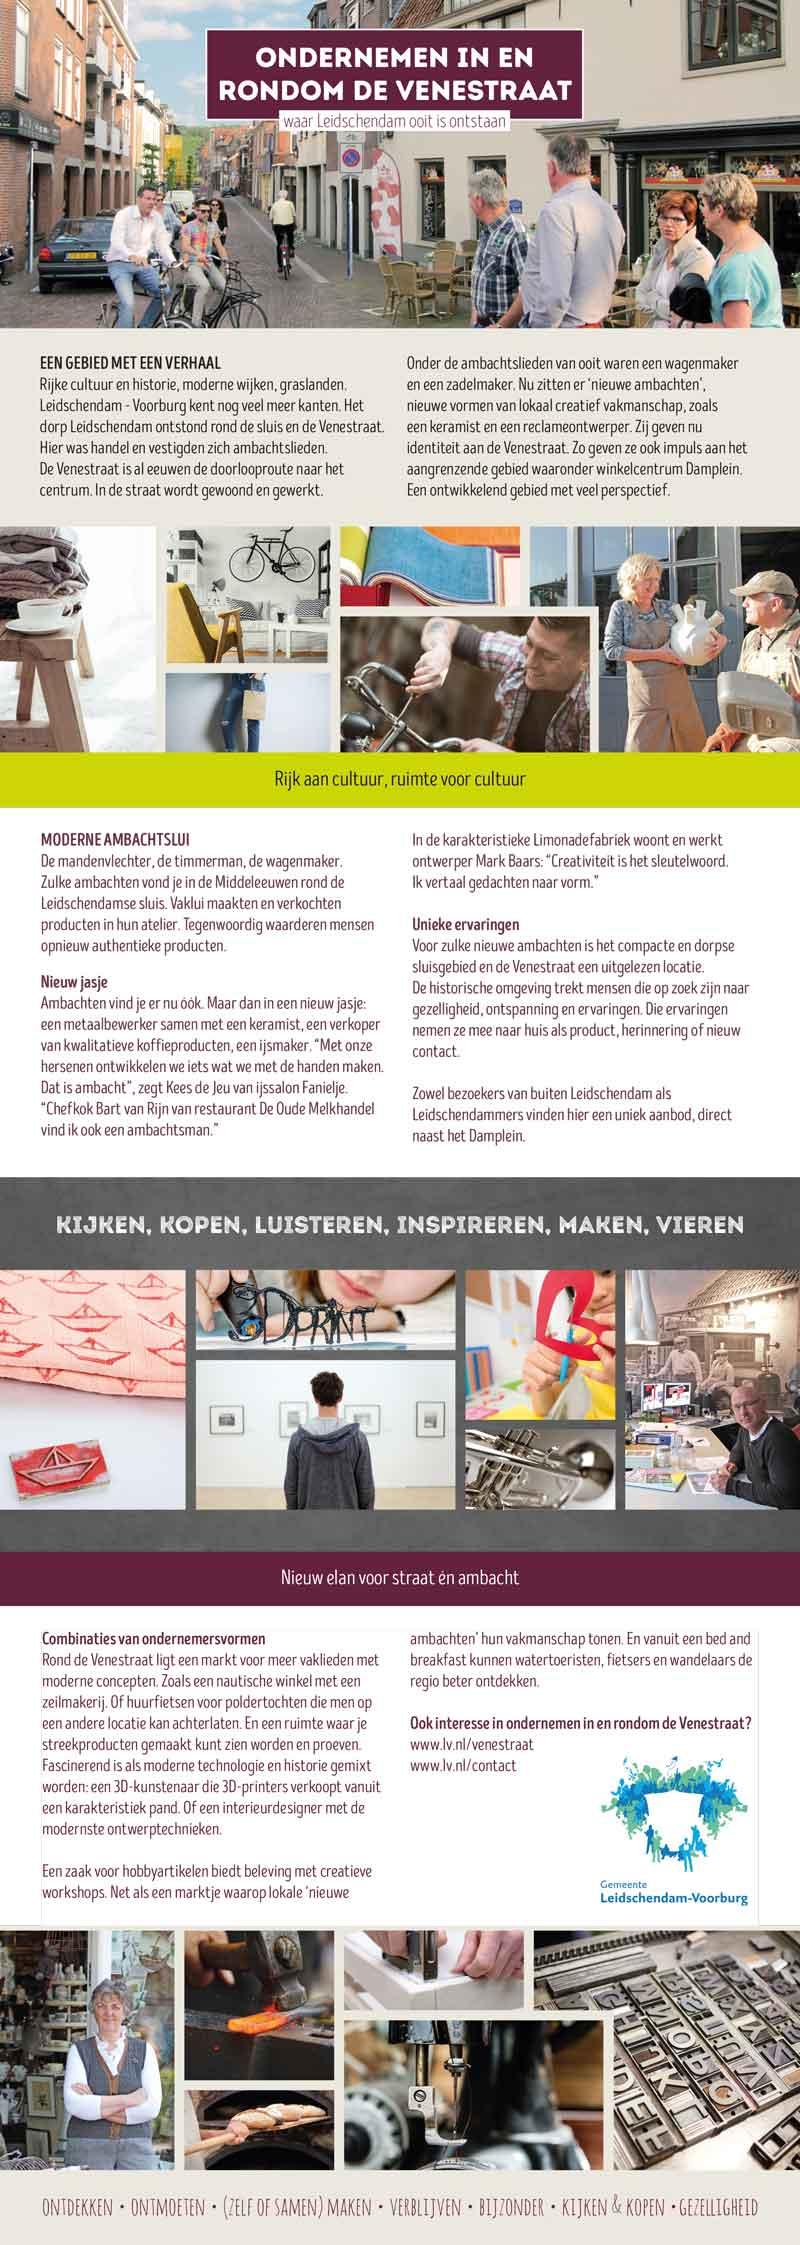 venestraat_folder_druk_c-1